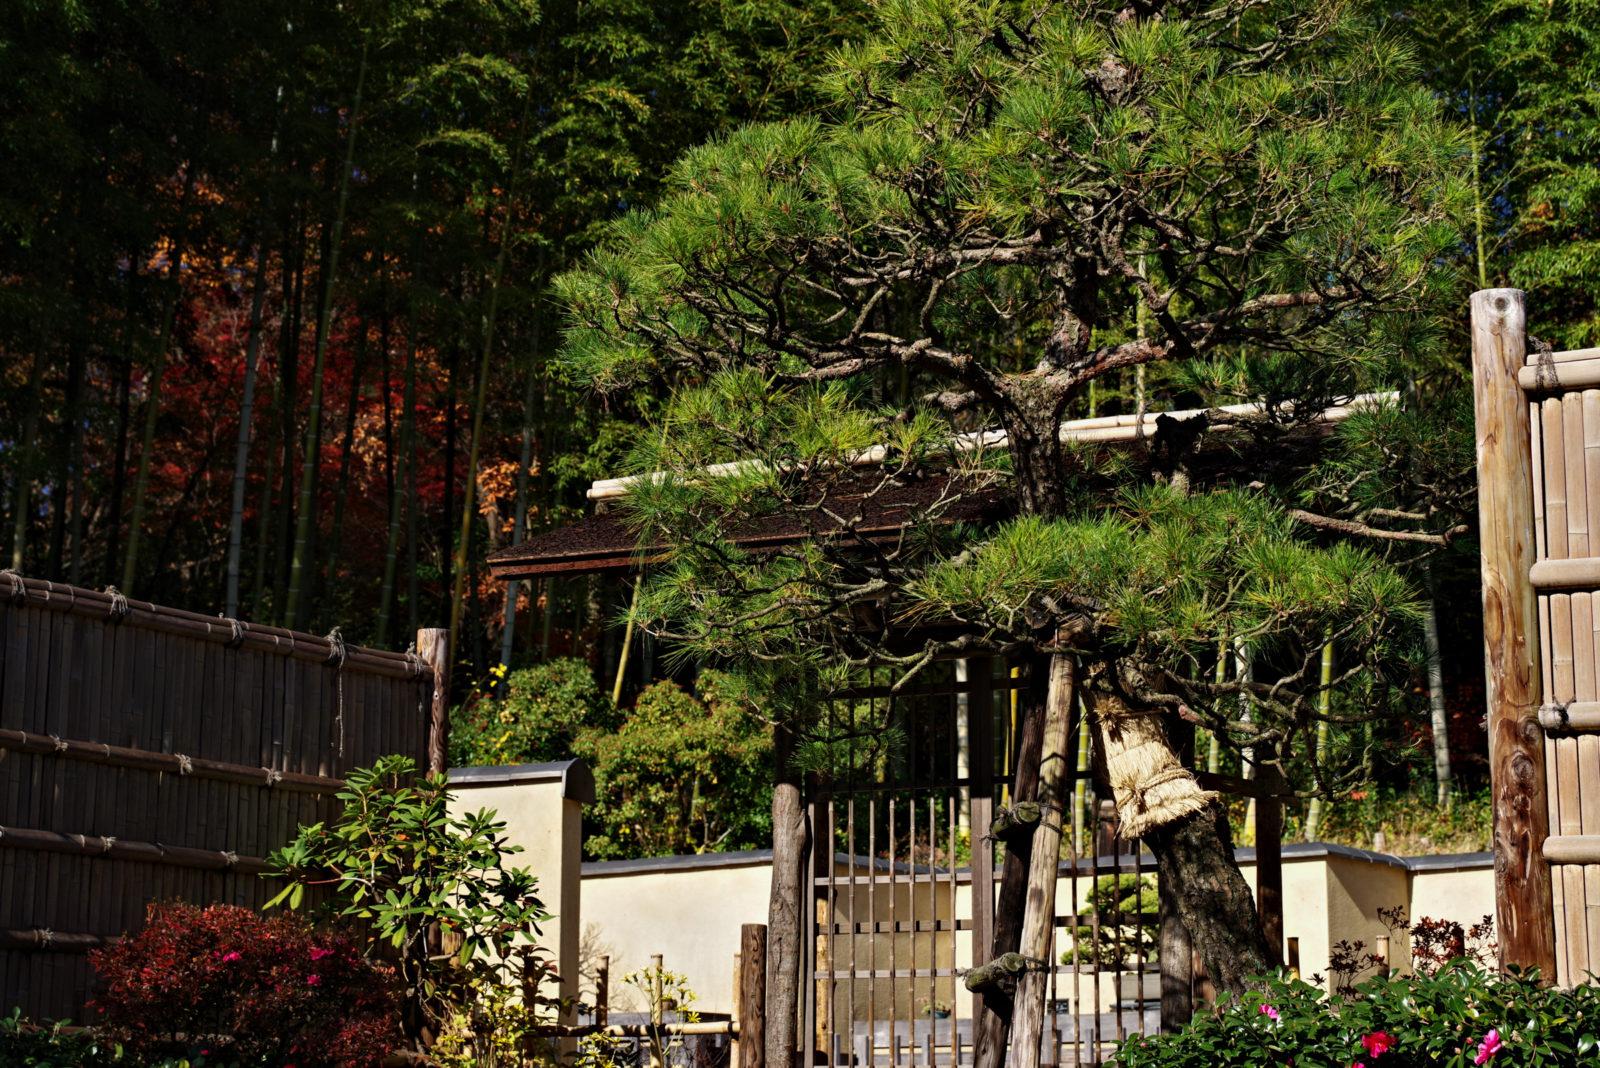 昭和記念公園 盆栽苑 | PENTAX K-1&D FA★70-200mm